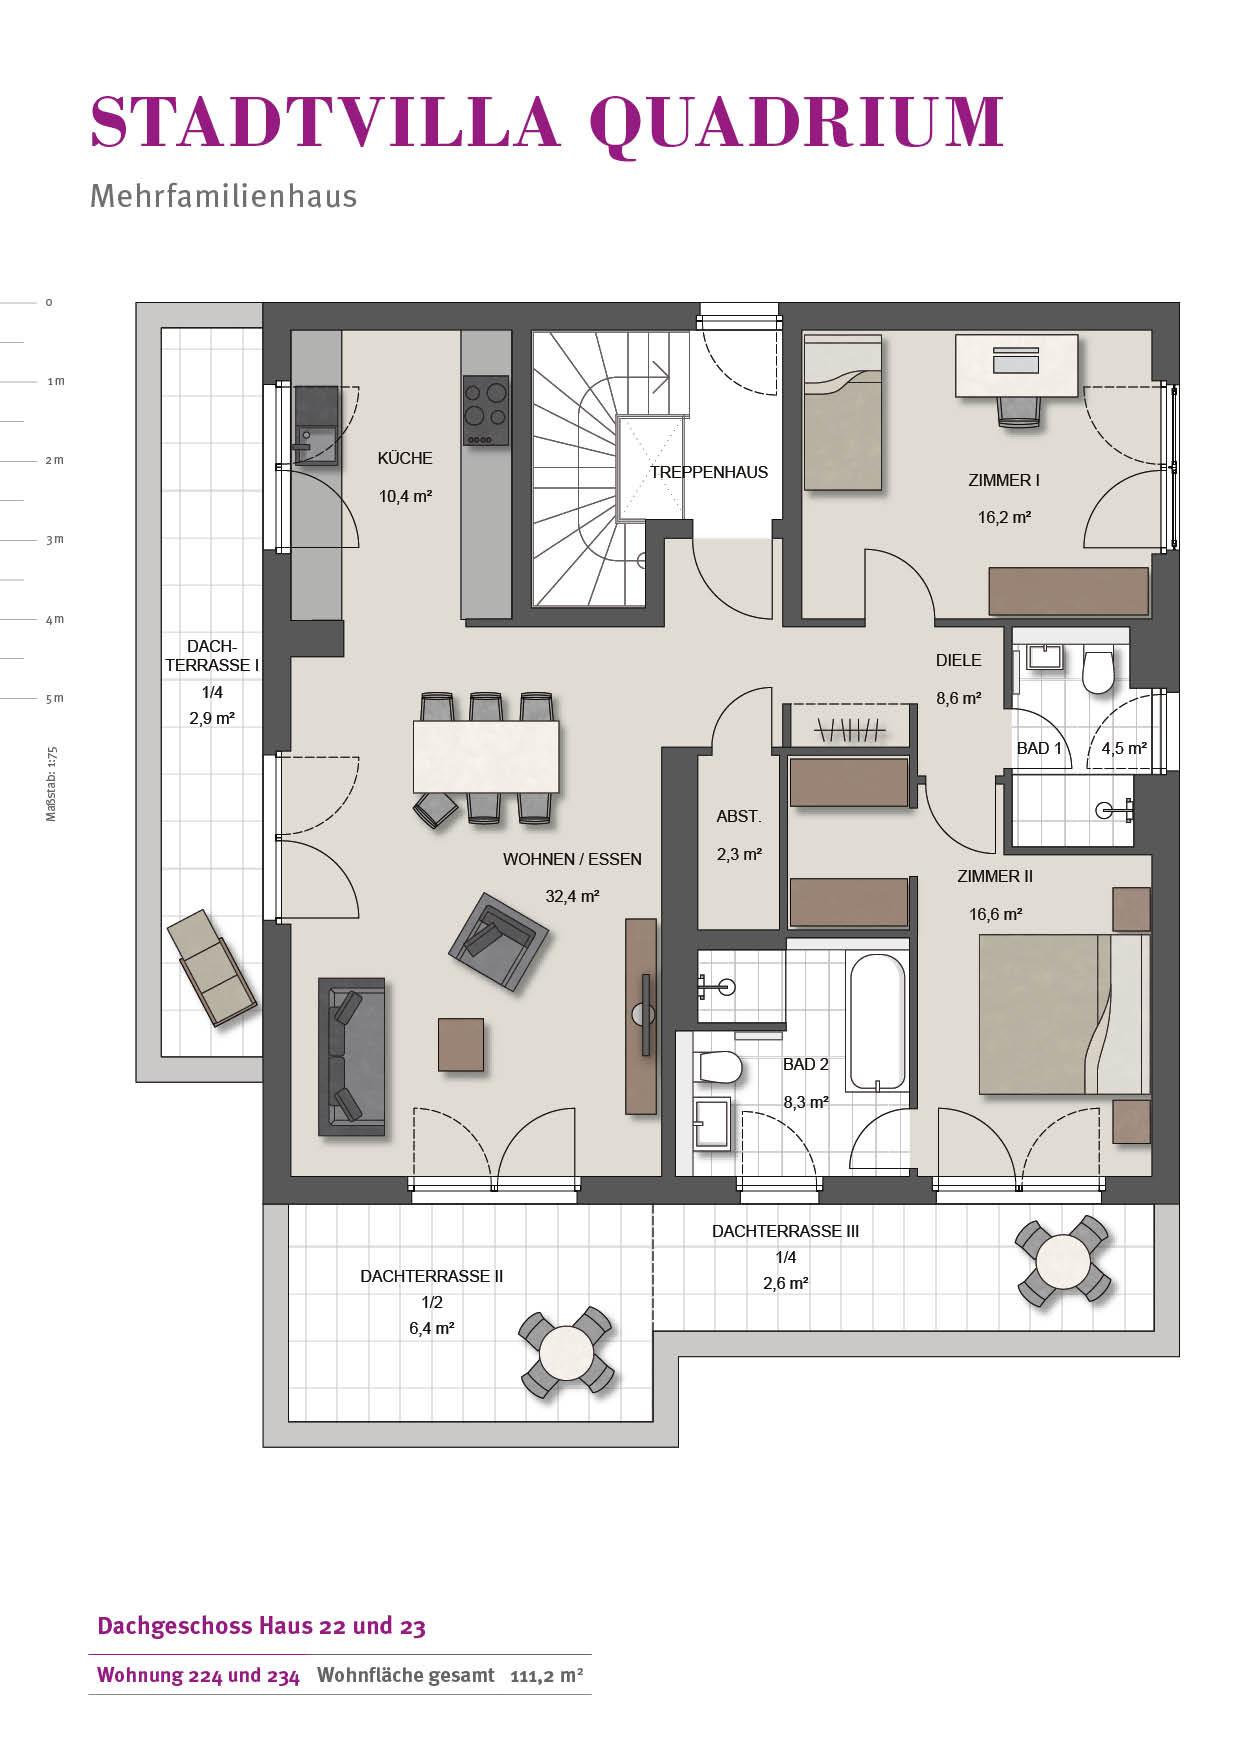 Grundriss Wohnung  Wohnungen Wilma Immobilien GmbH